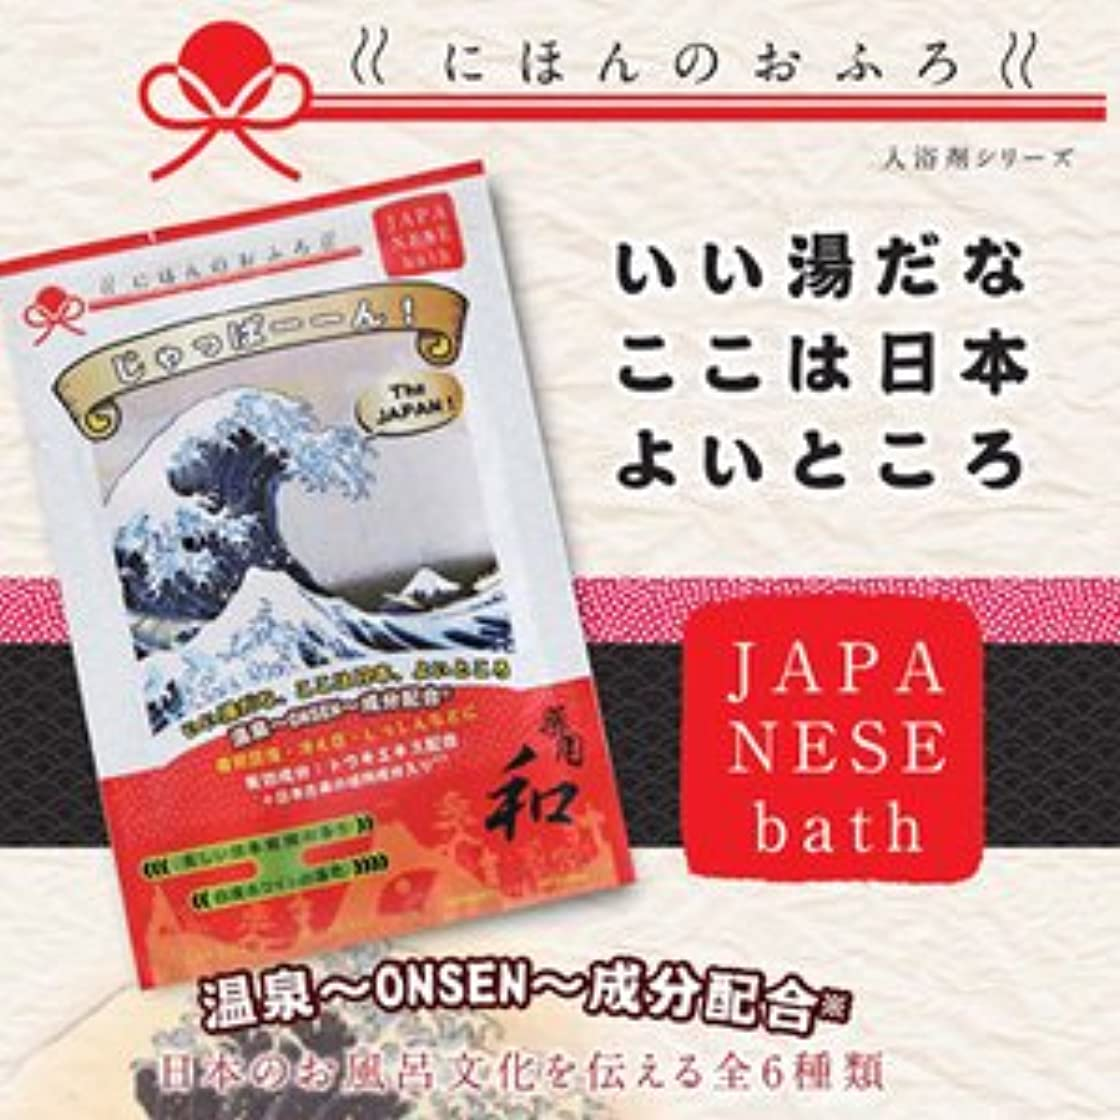 要件滑るよろめく日本のお風呂 全部ためせる6種類セット 入浴剤 福袋/入浴剤福袋